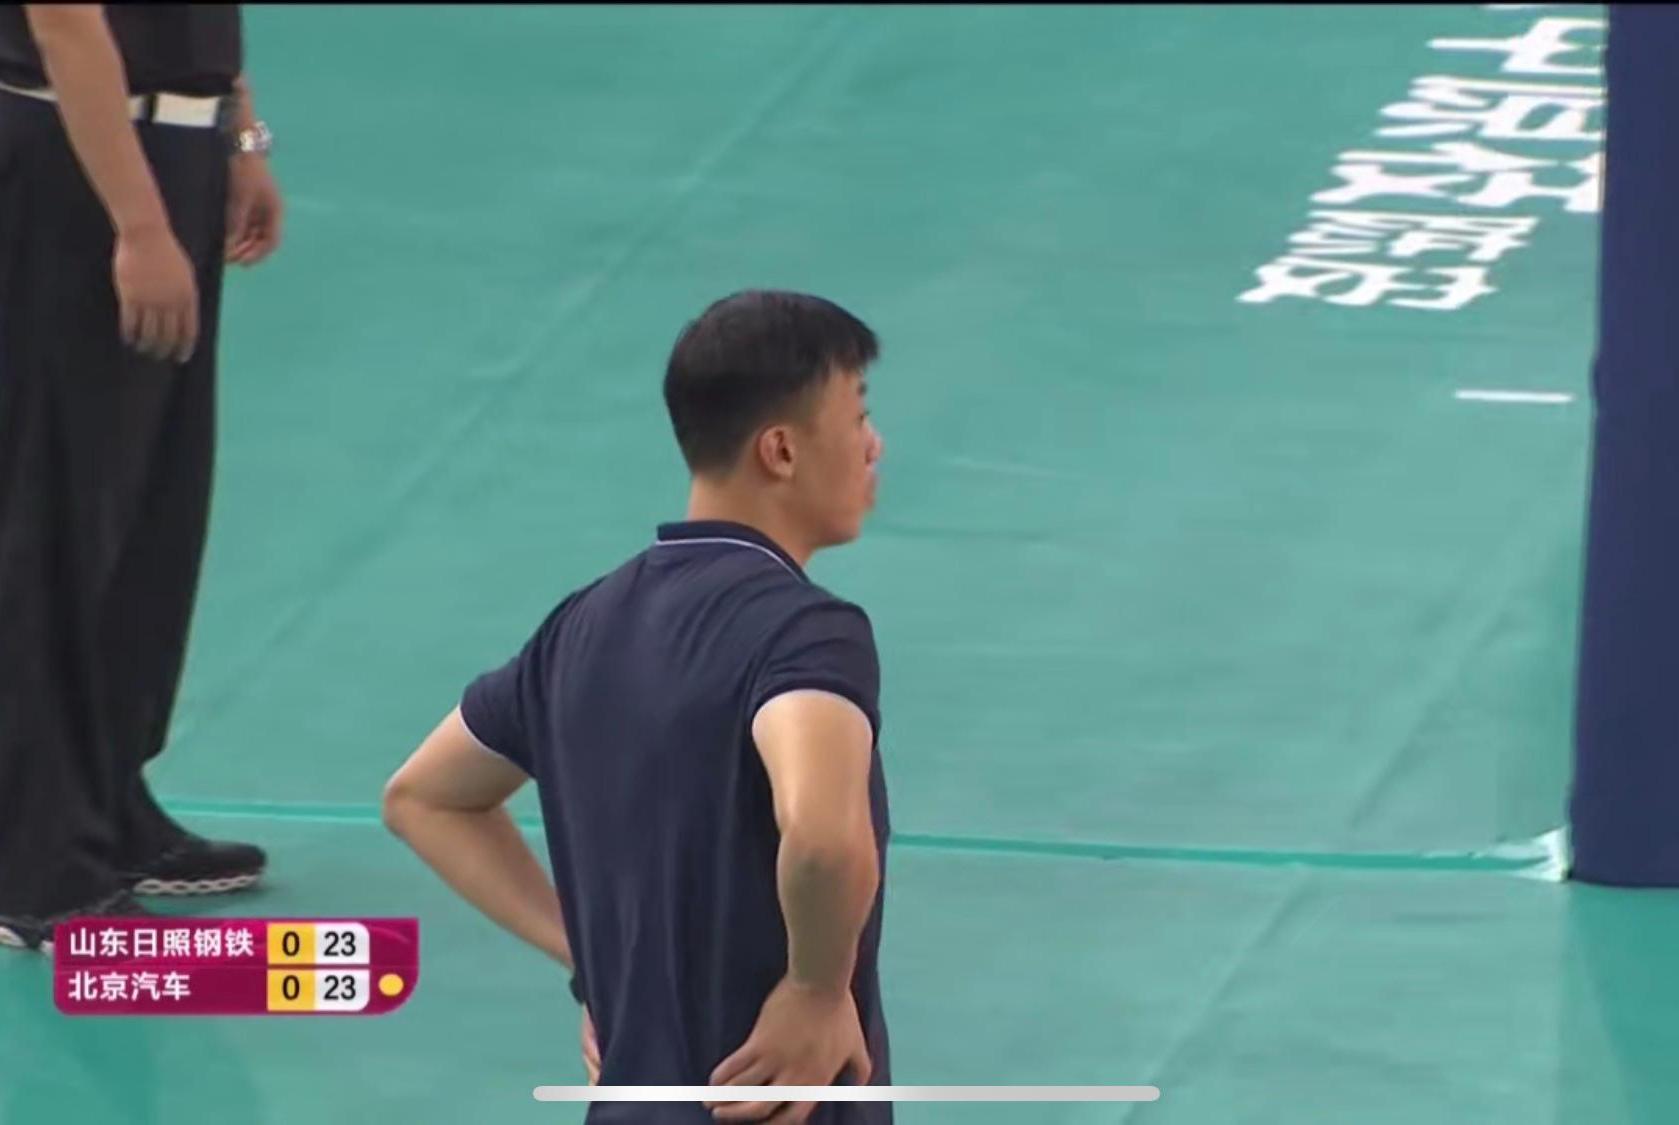 山东女排1:3负北京,李岩龙有点懵,球迷们很无语